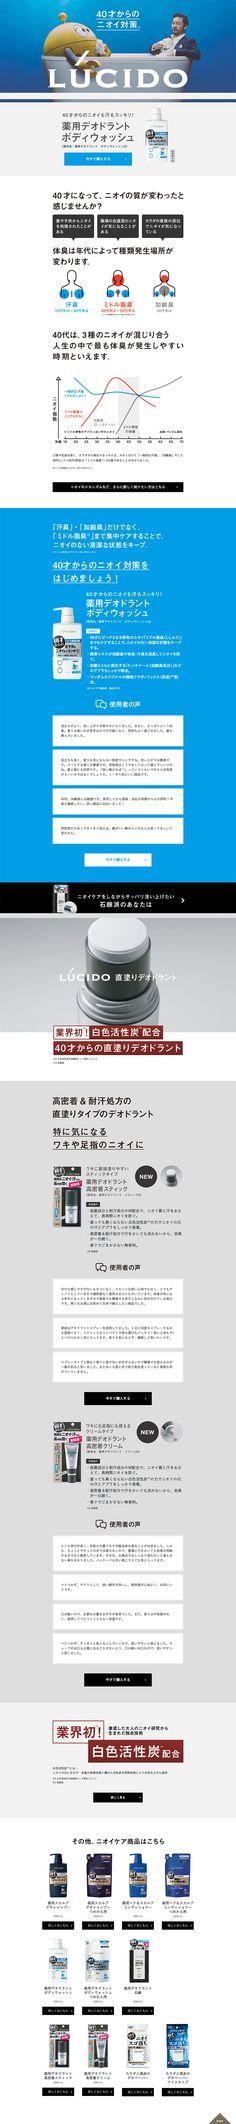 株式会社マンダム様の「LUCIDO」のランディングページ(LP)シンプル系|美容・スキンケア・香水 #LP #ランディングページ #ランペ #LUCIDO